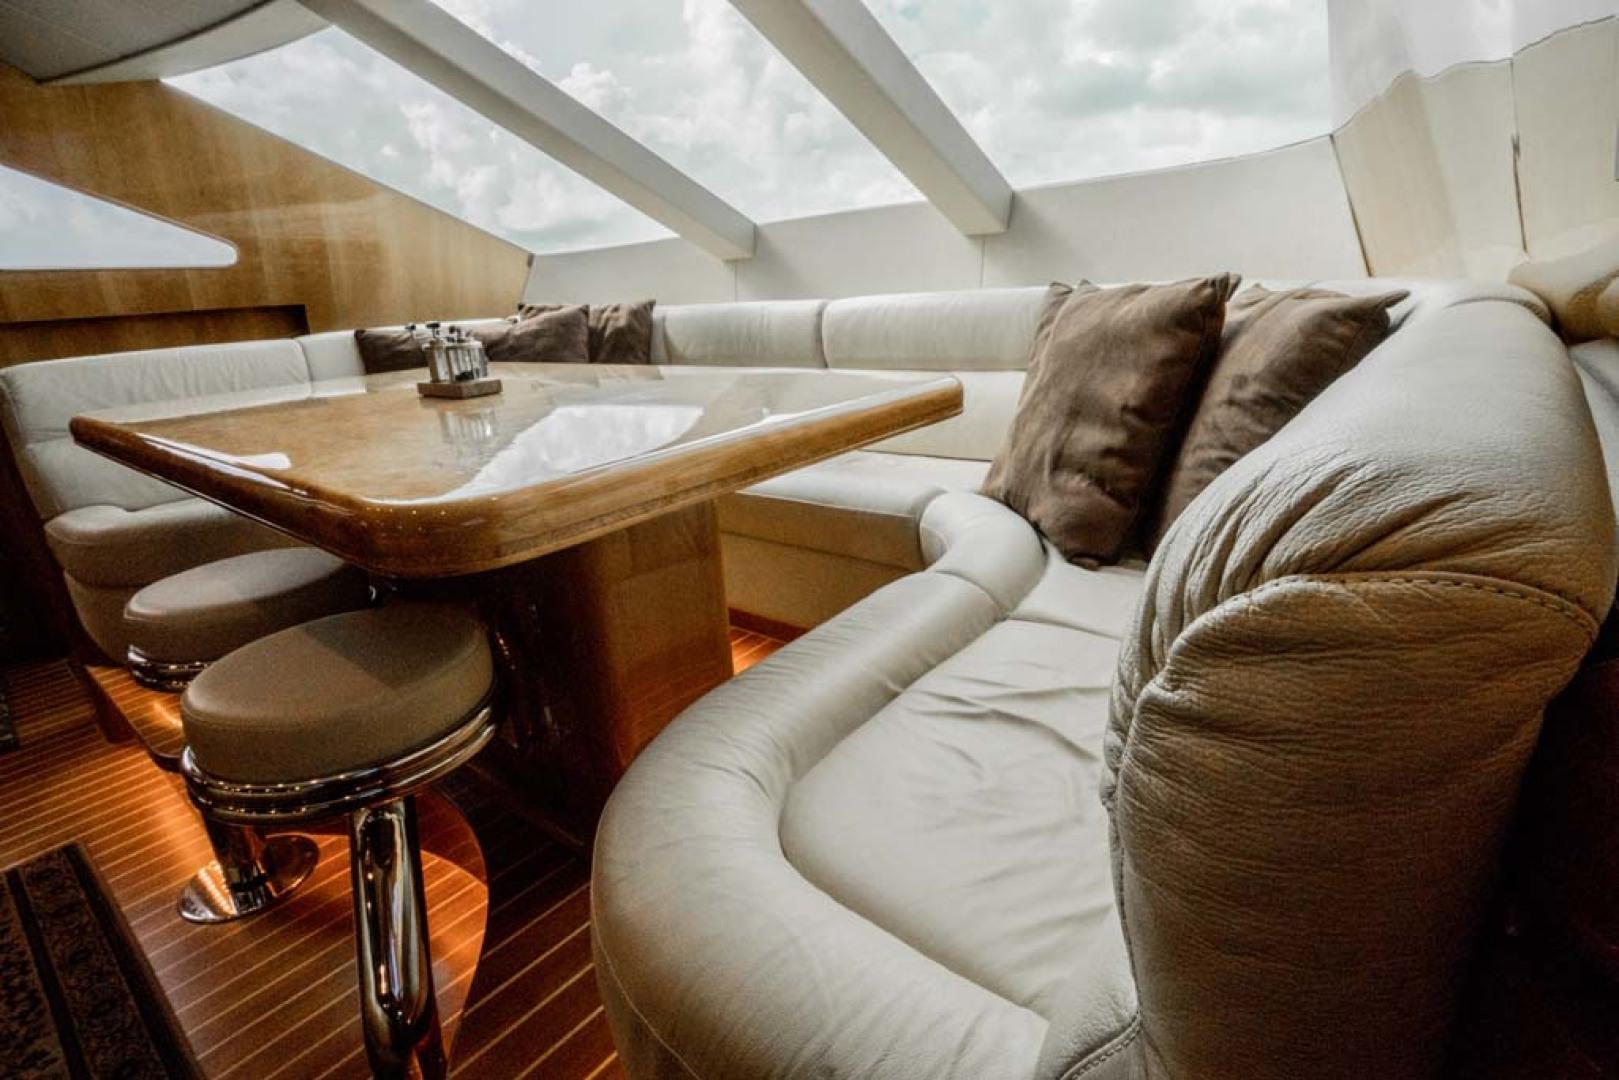 Horizon-Cockpit-Motor-Yacht-2008-Liberation-Stuart-Florida-United-States-Dining-1075329